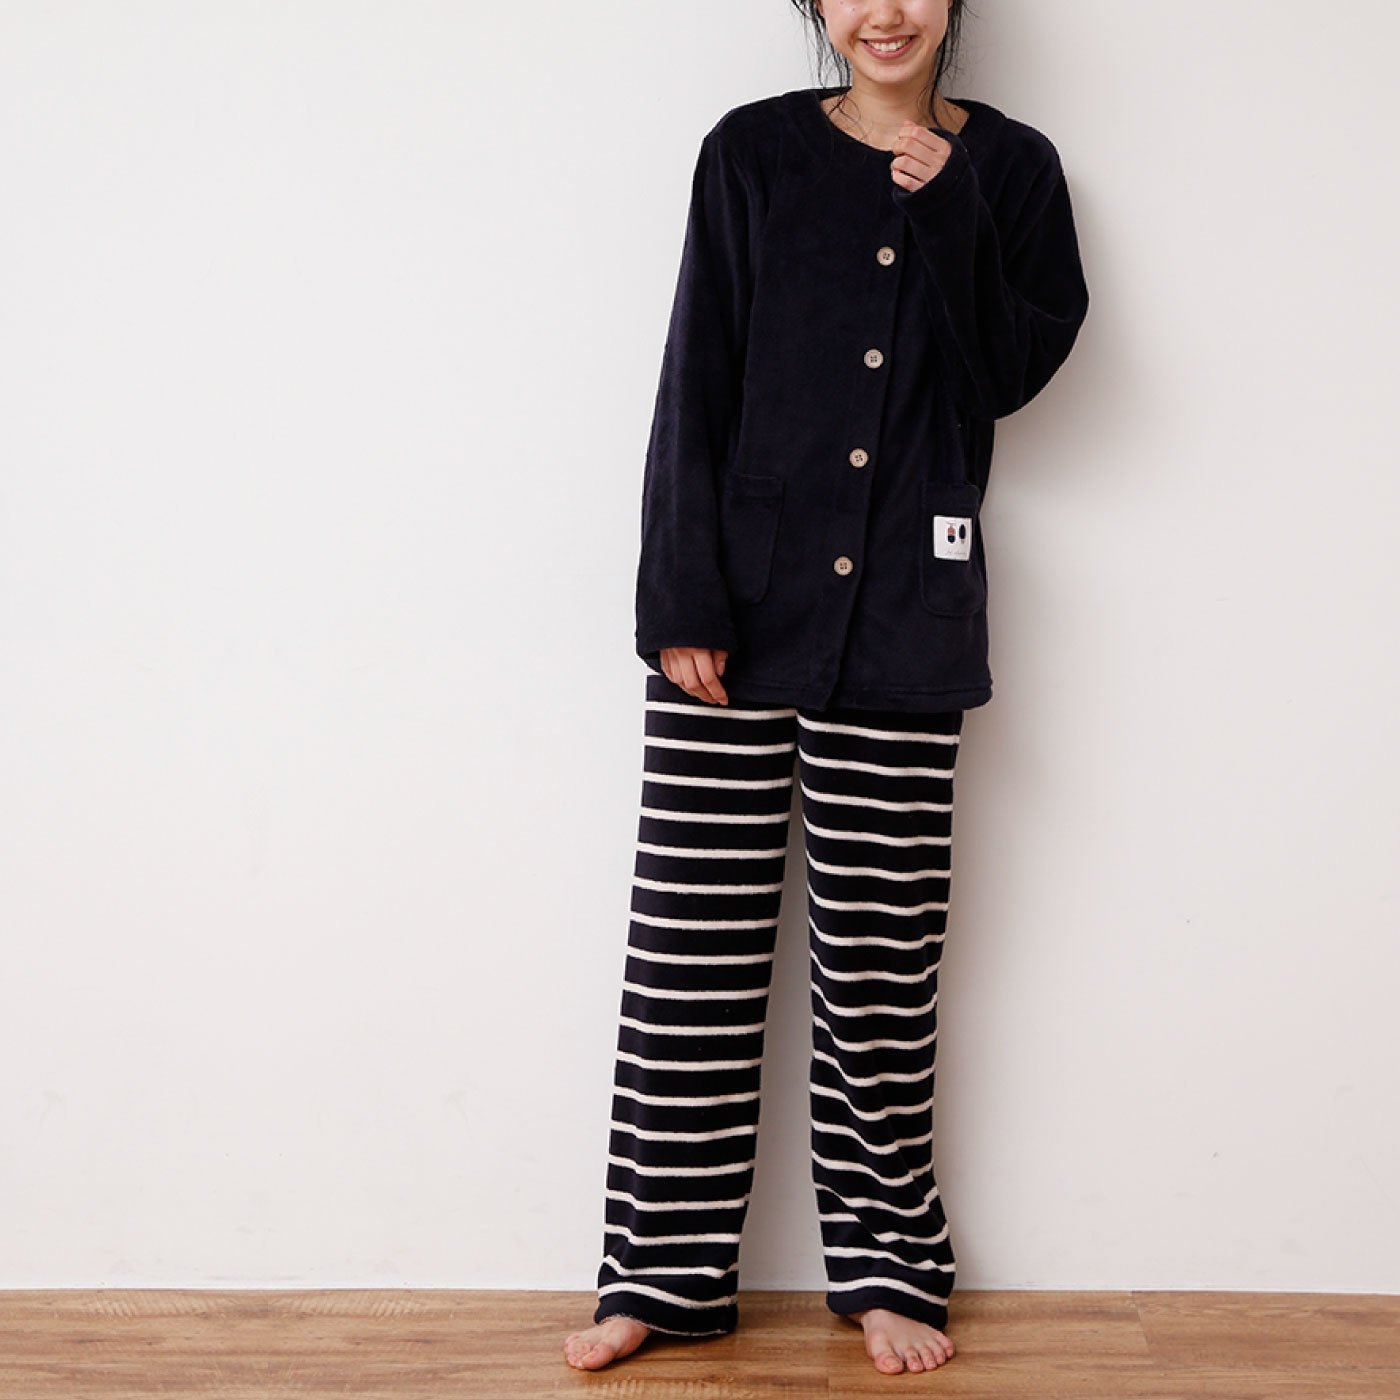 ルームウェアにもなる ノーカラー&ボーダーパンツパジャマ